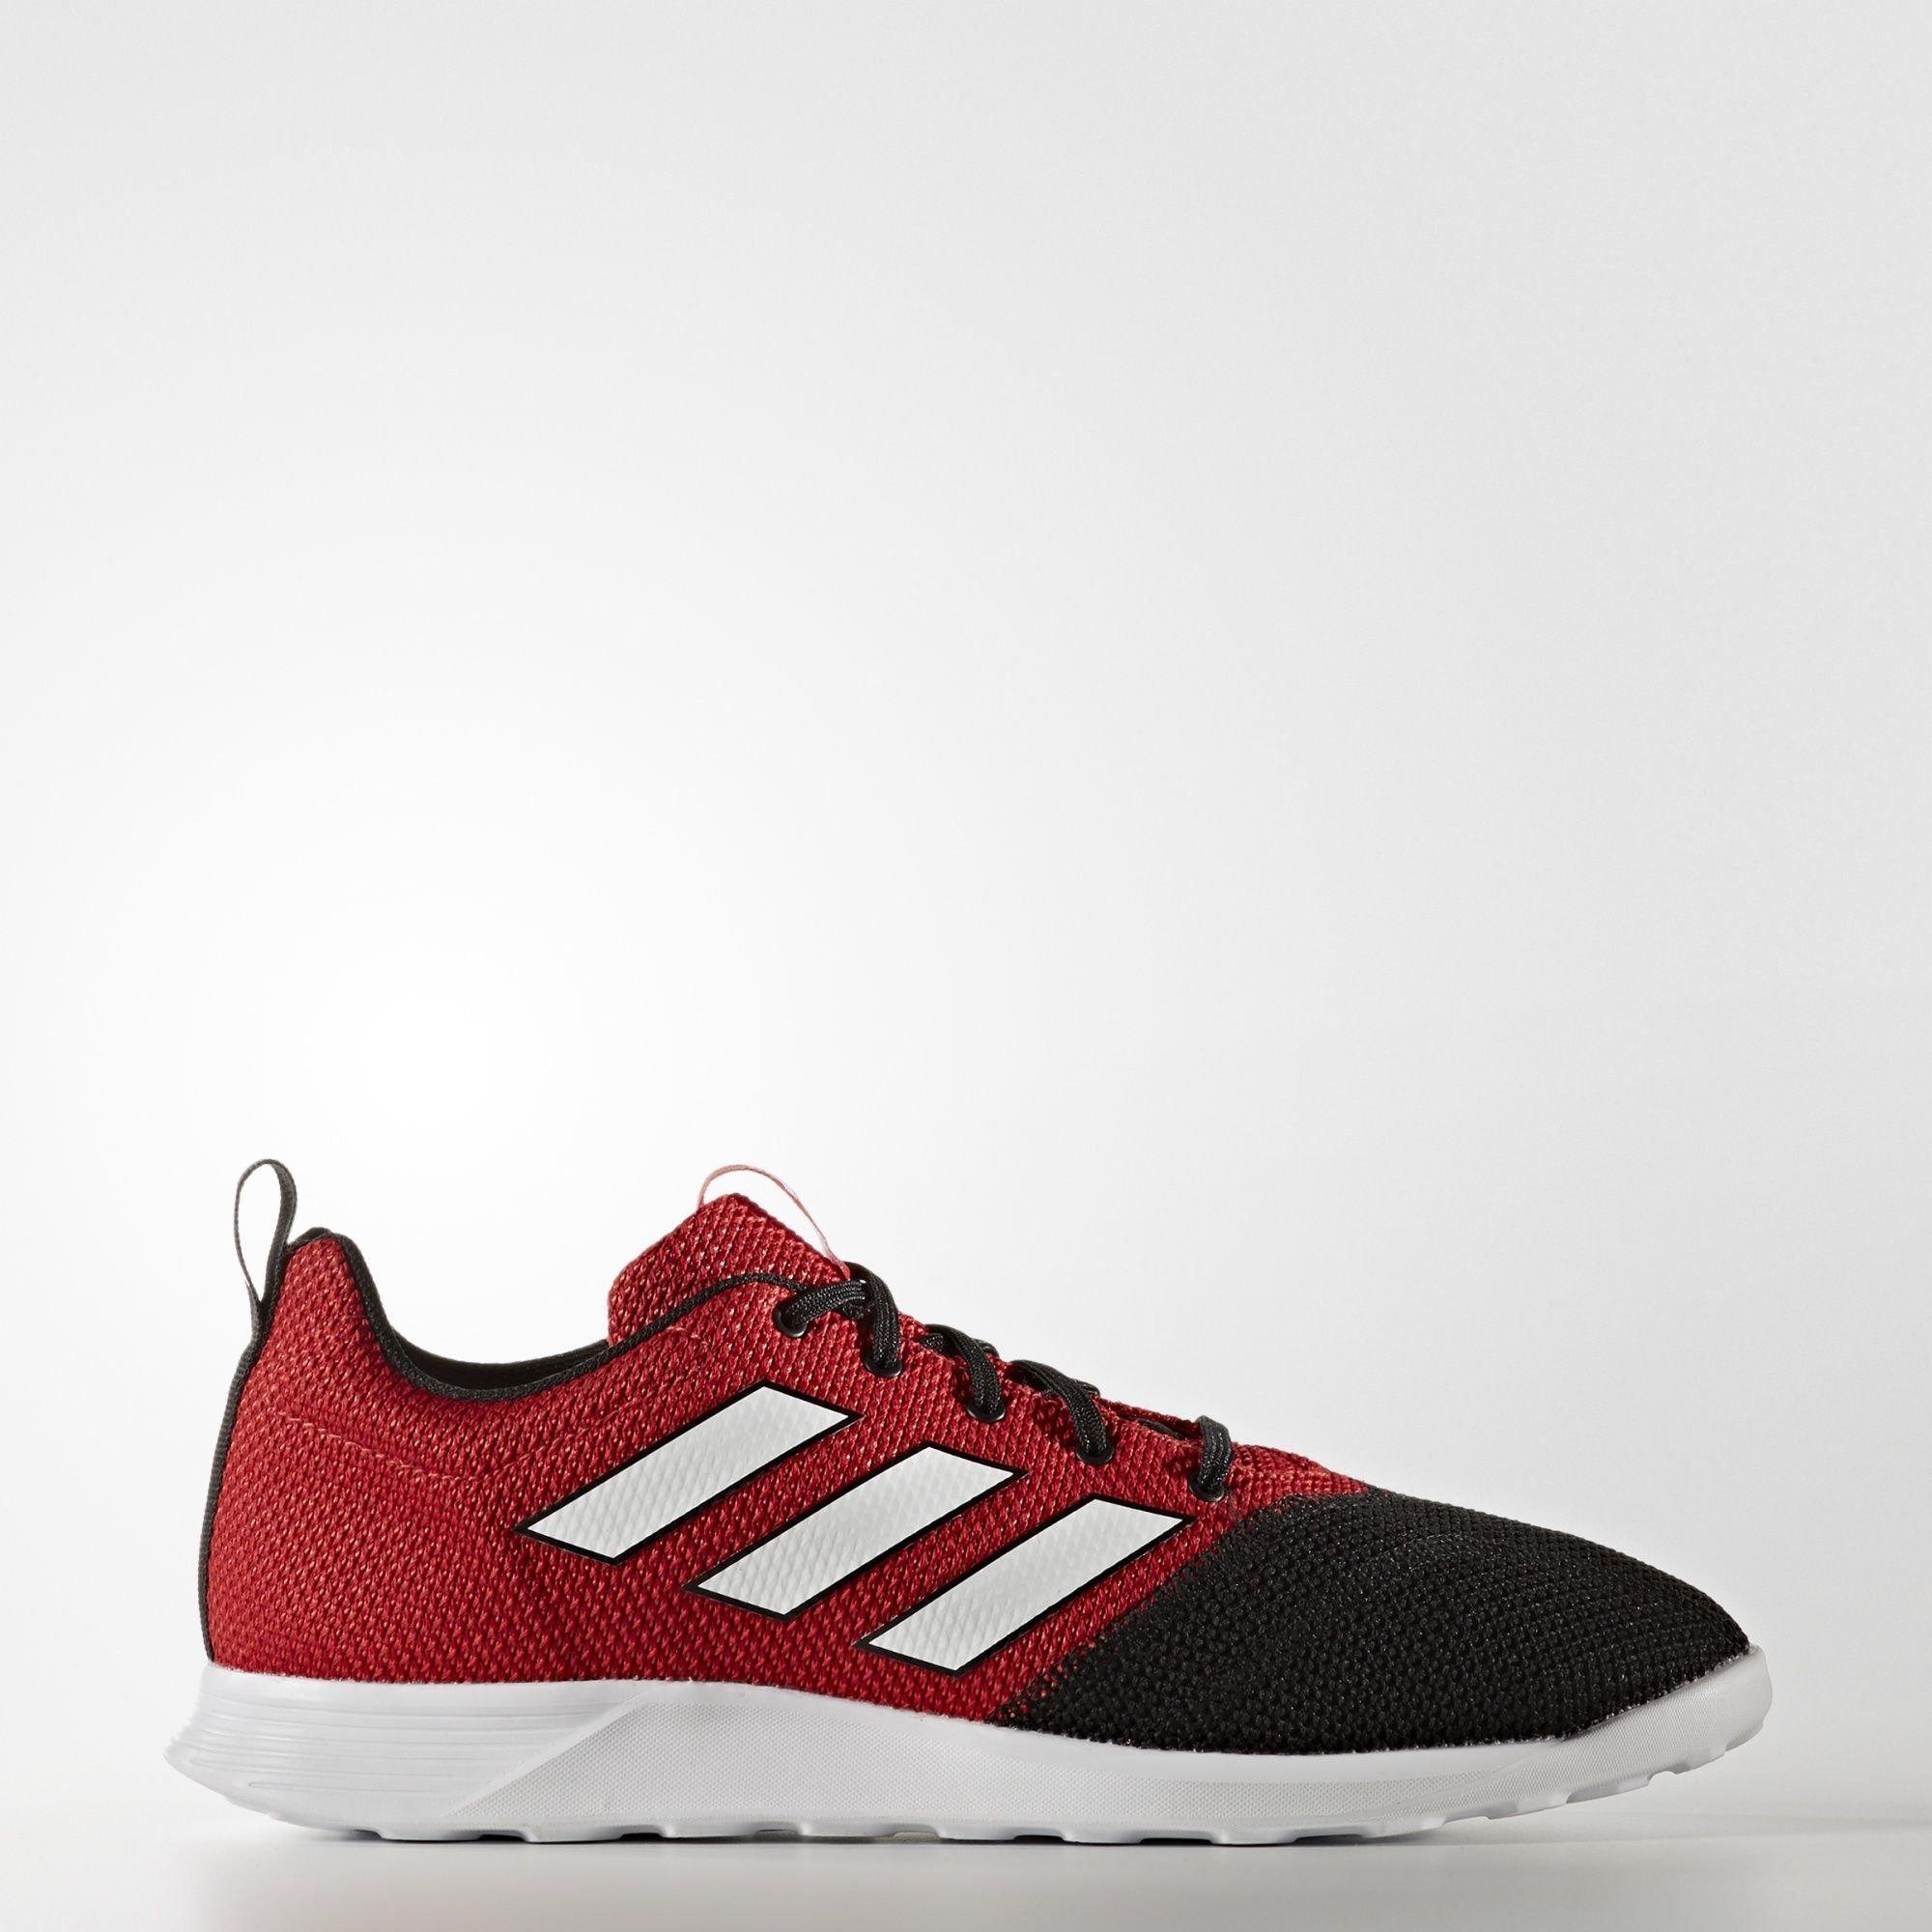 Футбольная обувь ACE 17.4 adidas Performance Red/Red/Ftwr White